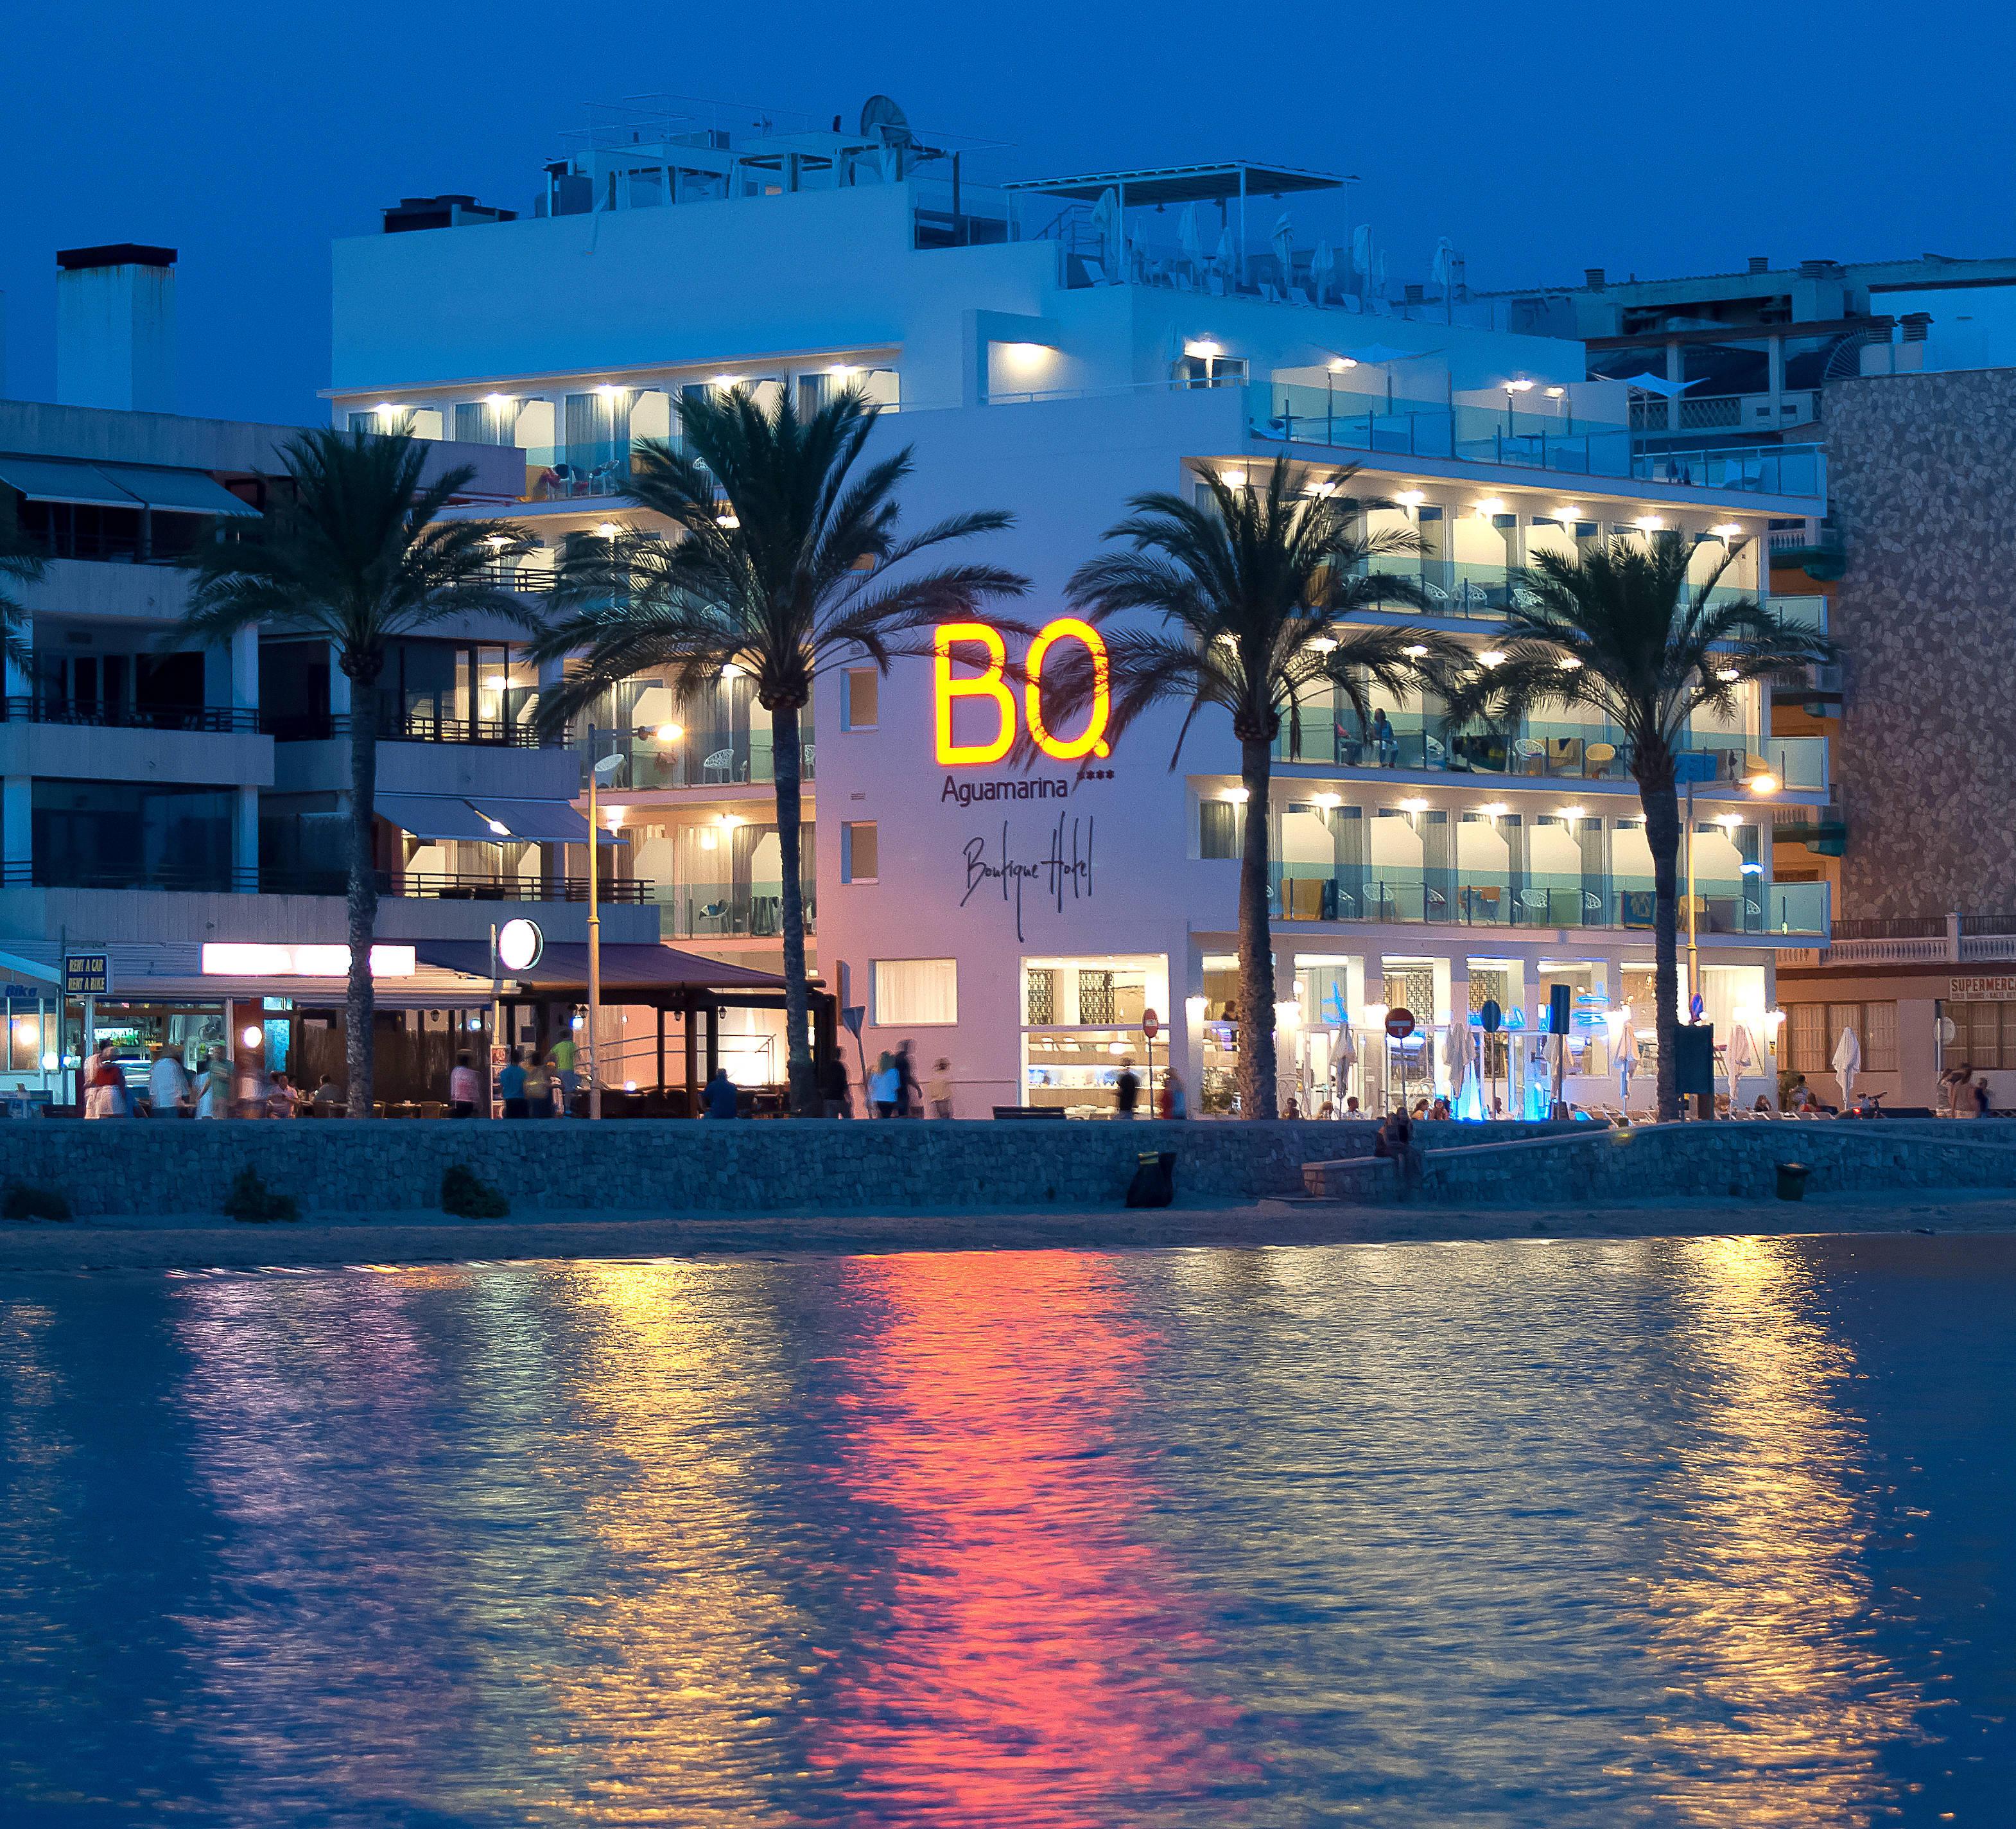 Bq aguamarina boutique hotel in can pastilla for Design boutique hotels mallorca